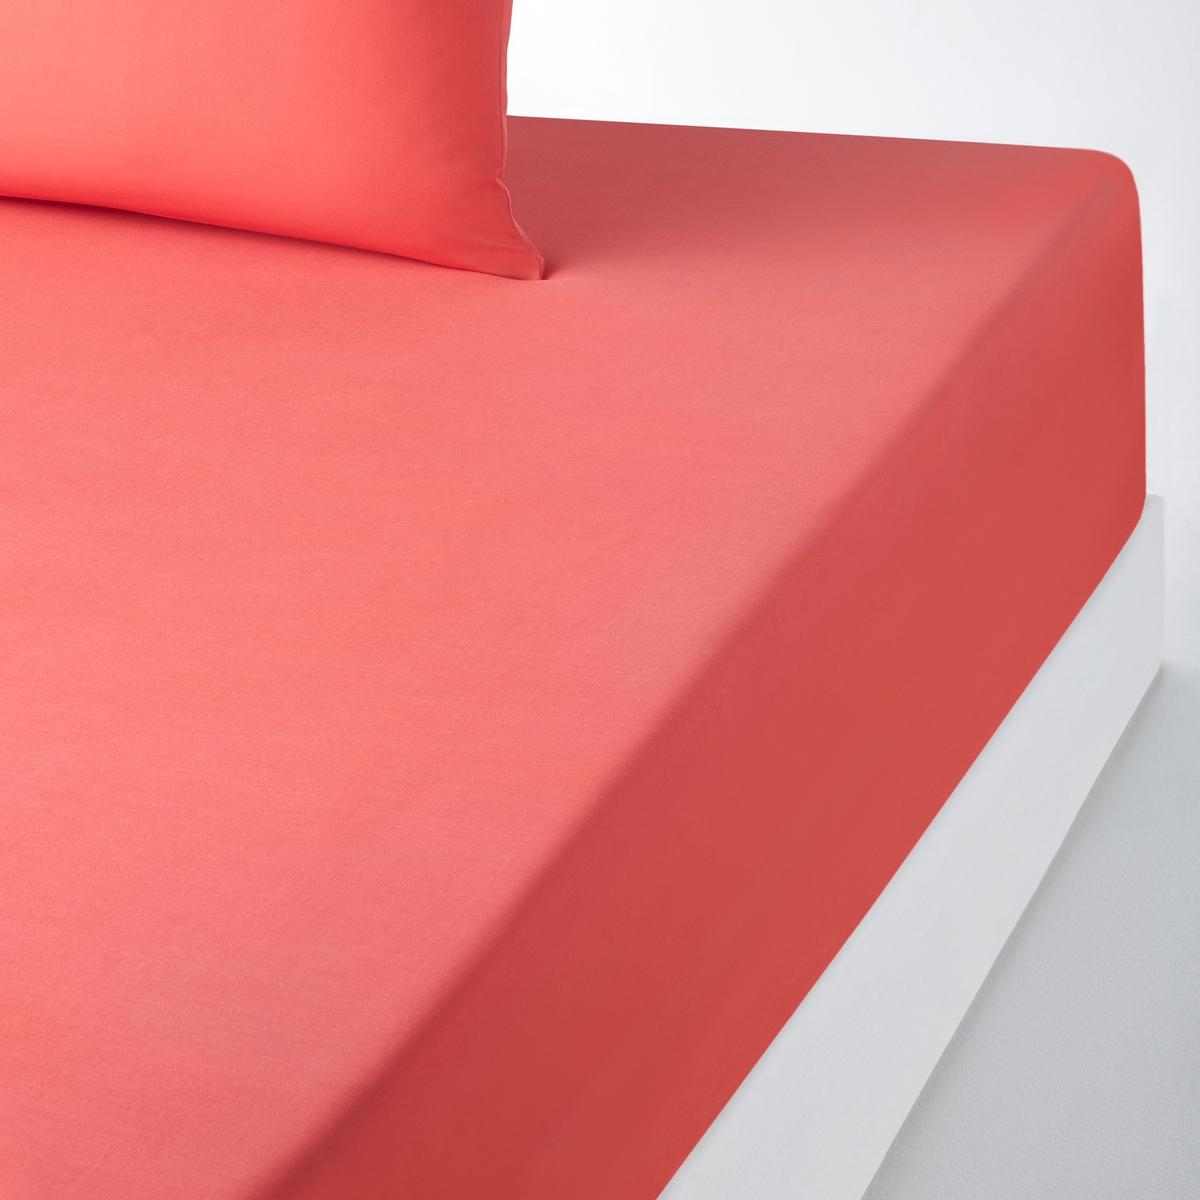 Натяжная простыня, 100% хлопокСтильная гамма цветов позволяет создаваять яркие комплекты SCENARIO.    57 нитей/см? : чем больше нитей/см?, тем выше качество ткани.Характеристики хлопчатобумажной натяжной простыни для толстого матраса:- Натяжная простыня из 100% хлопка плотного плетения (57 нитей/см? : чем больше количество нитей/см?, тем выше качество ткани), очень мягкая и удобная. - Специально разработана для толстых матрасов до 30 см (клапан 32 см).- Прекрасно сохраняет цвет после стирок (60°).Знак Oeko-Tex® гарантирует, что товары протестированы, сертифицированы и не содержат вредных для здоровья веществ. Натяжная простыня  :90 x 190 см : 1-спальный.140 x 190 см : 2-спальный.140 x 200 см : 2-спальный.160 x 200 см : 2-спальный.2 p : 2-спальный.Найдите другие предметы постельного белья SC?NARIO на нашем сайте<br><br>Цвет: желтый лимонный,розовый коралловый